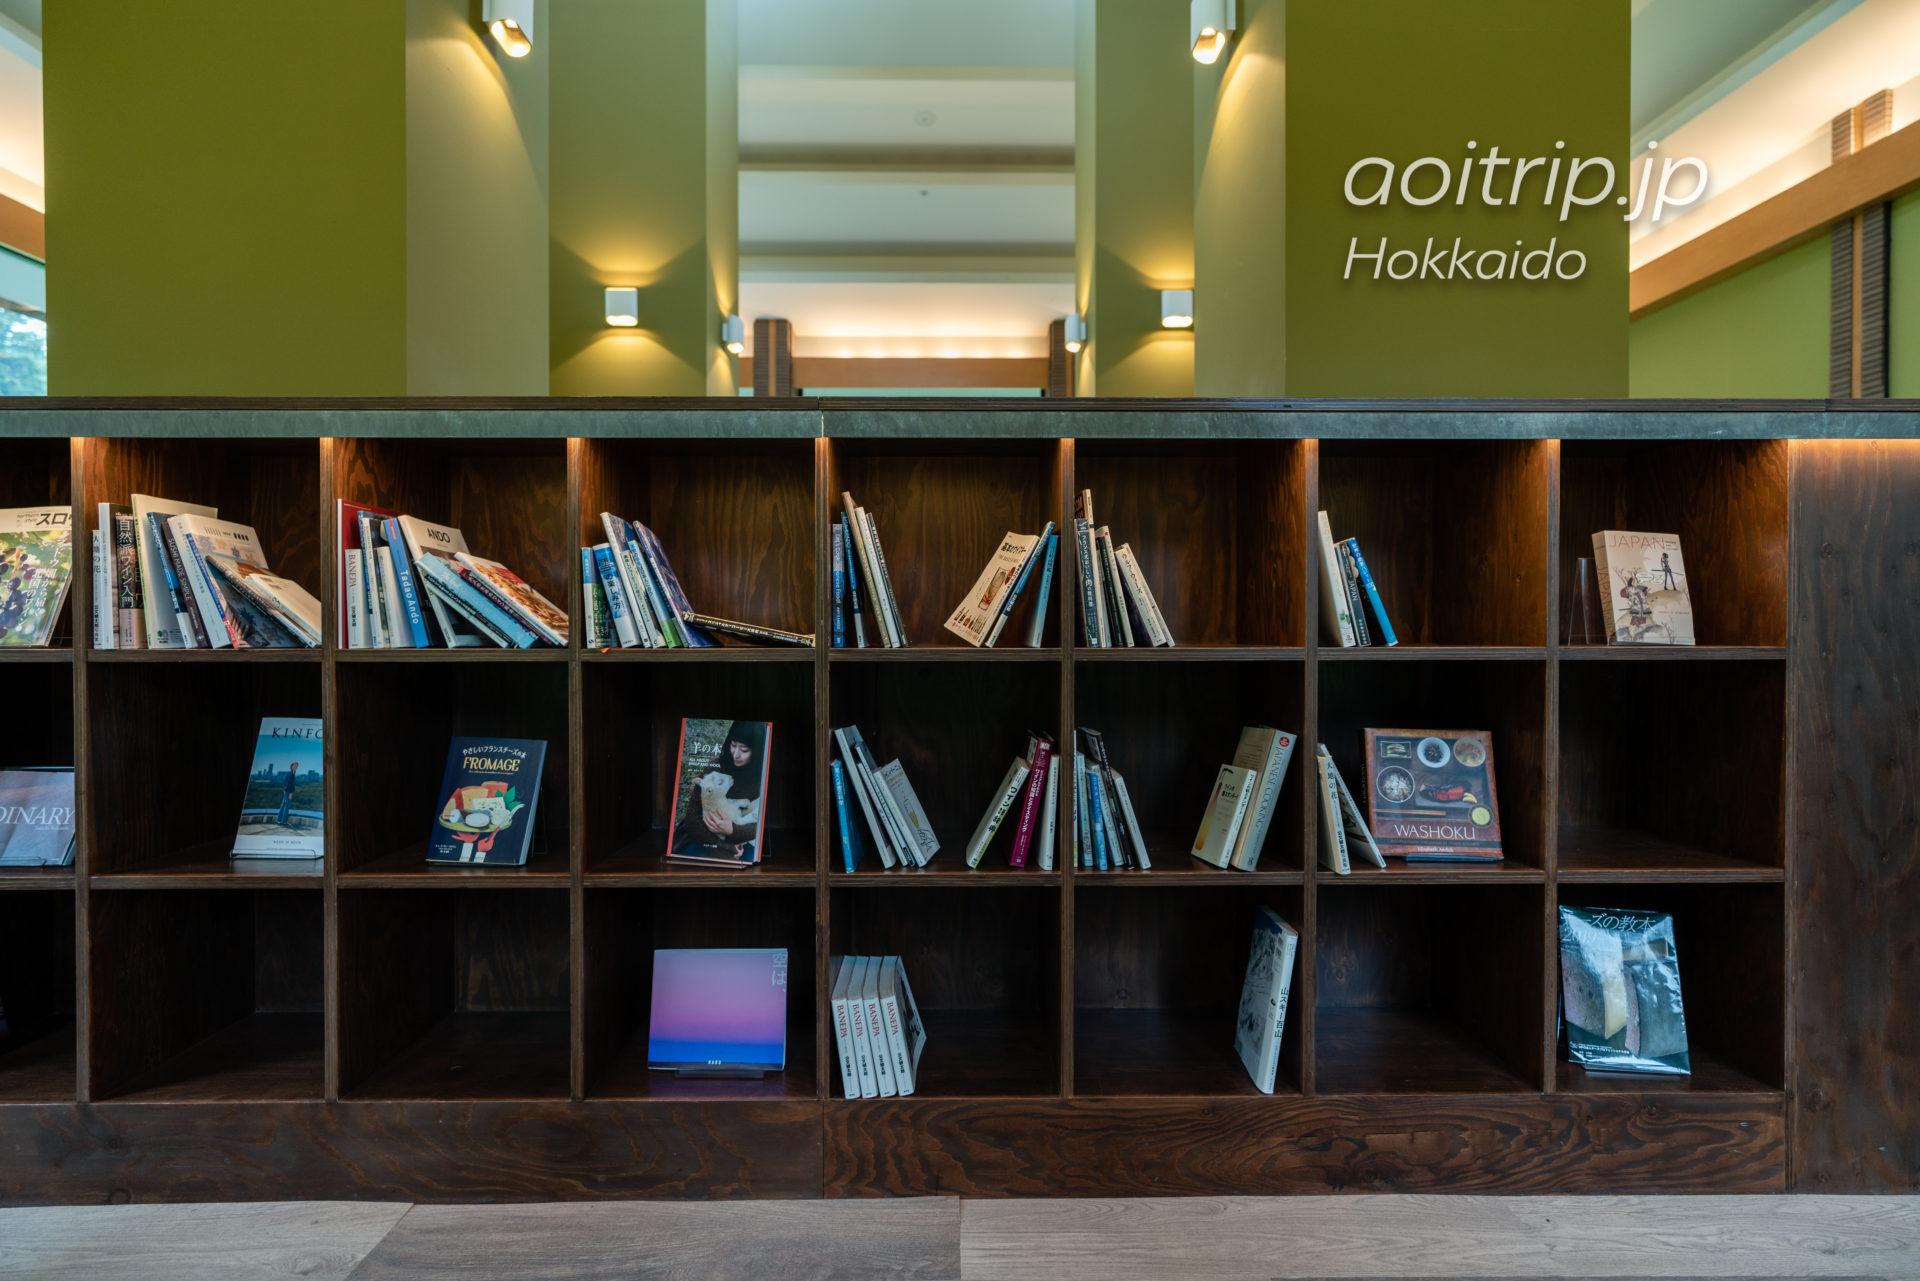 星野リゾート リゾナーレトマム 宿泊記|Hoshino Risonare Tomamu|Books & Cafe